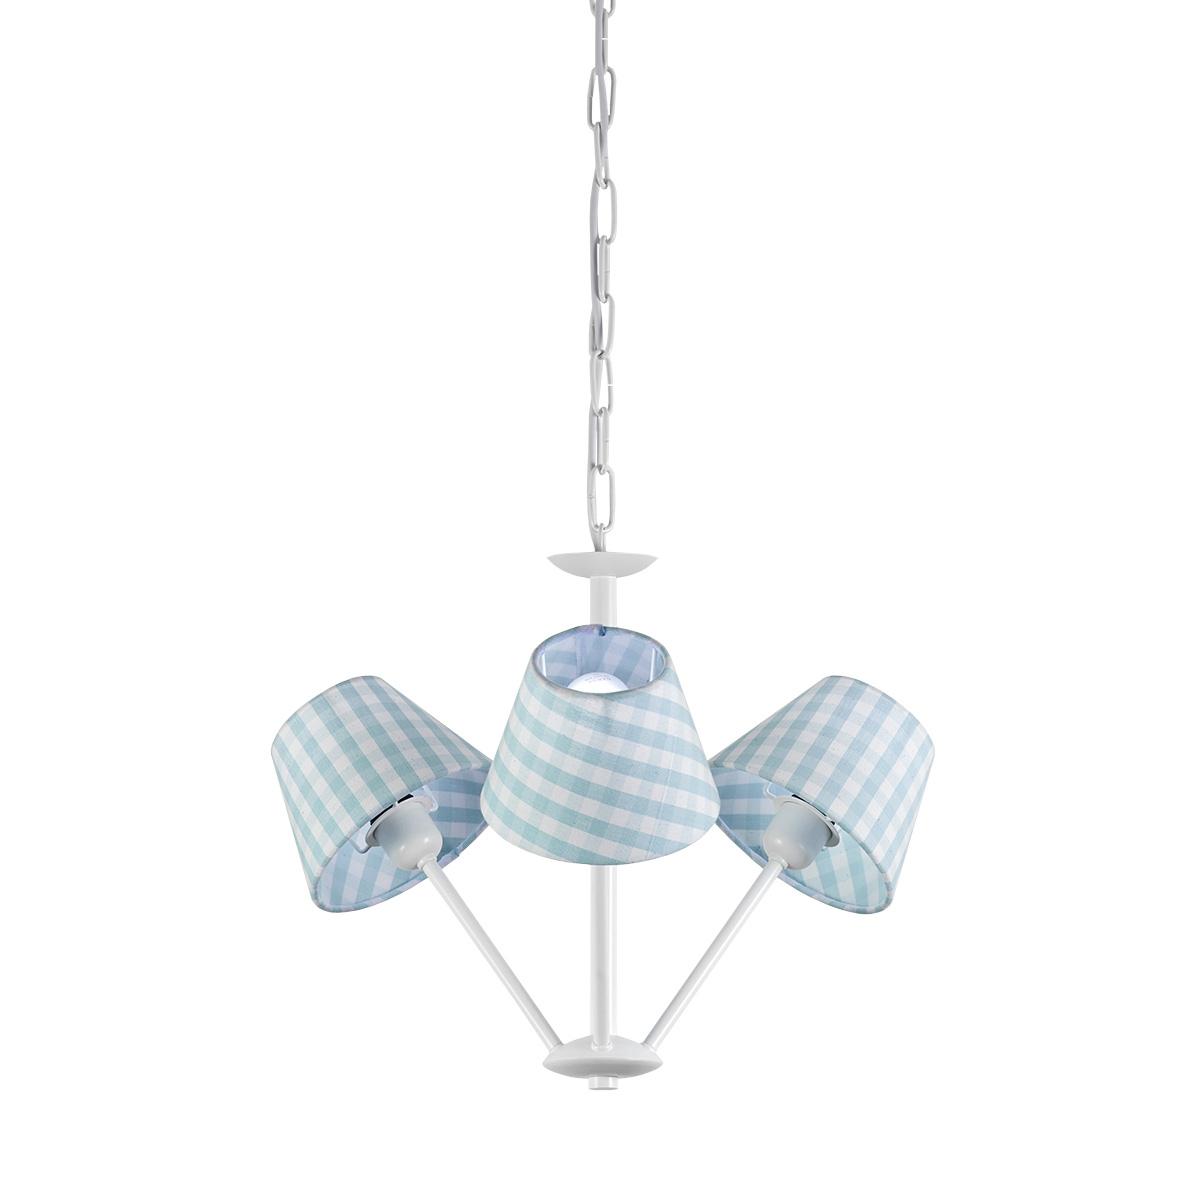 Φωτιστικό με σιελ καρό καπέλα CAROUSEL lighting with light blue plaided shades